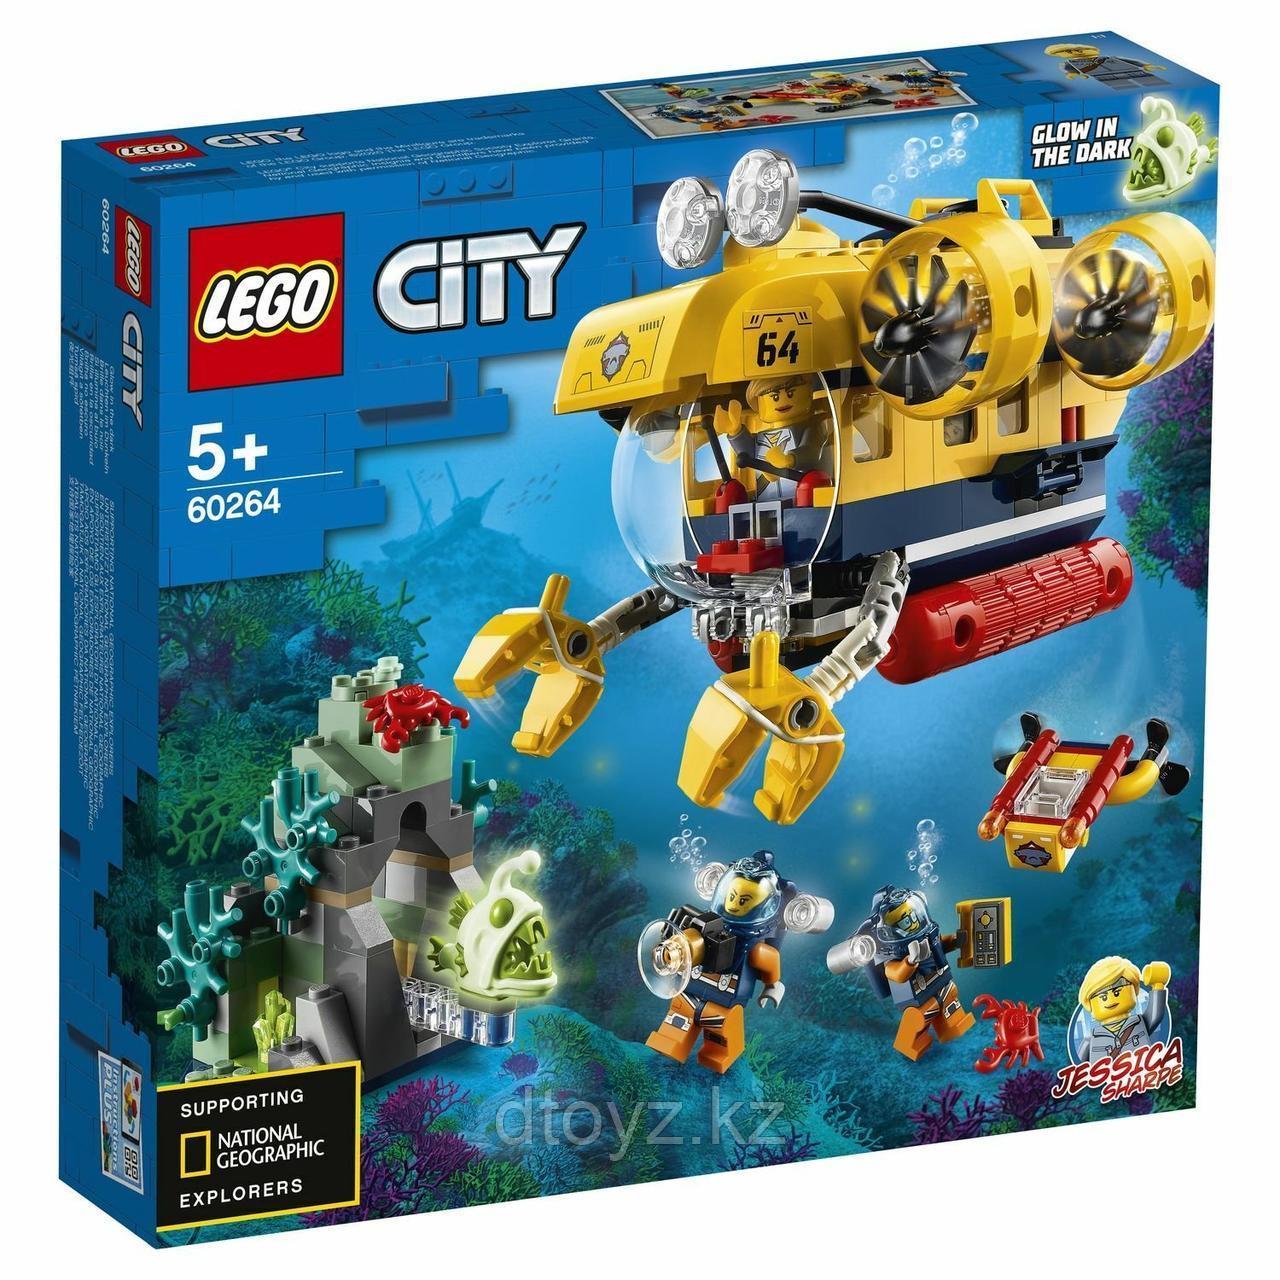 Lego City 60264 Исследовательская подводная лодка